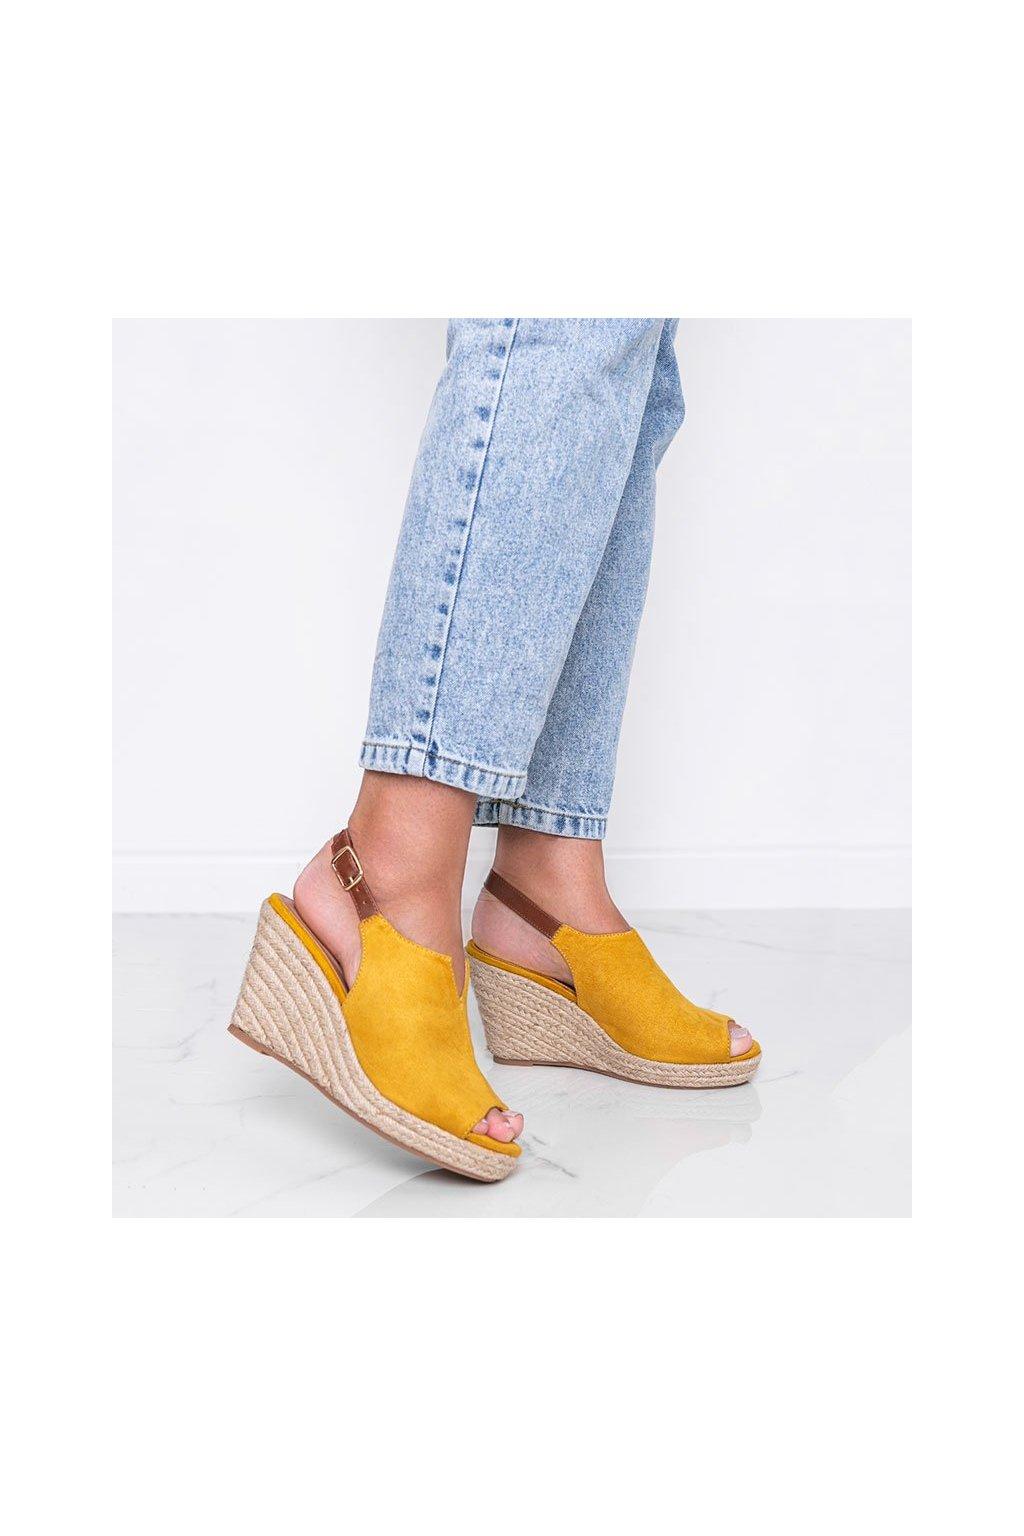 Dámske topánky sandále žlté kód 9R61 - GM